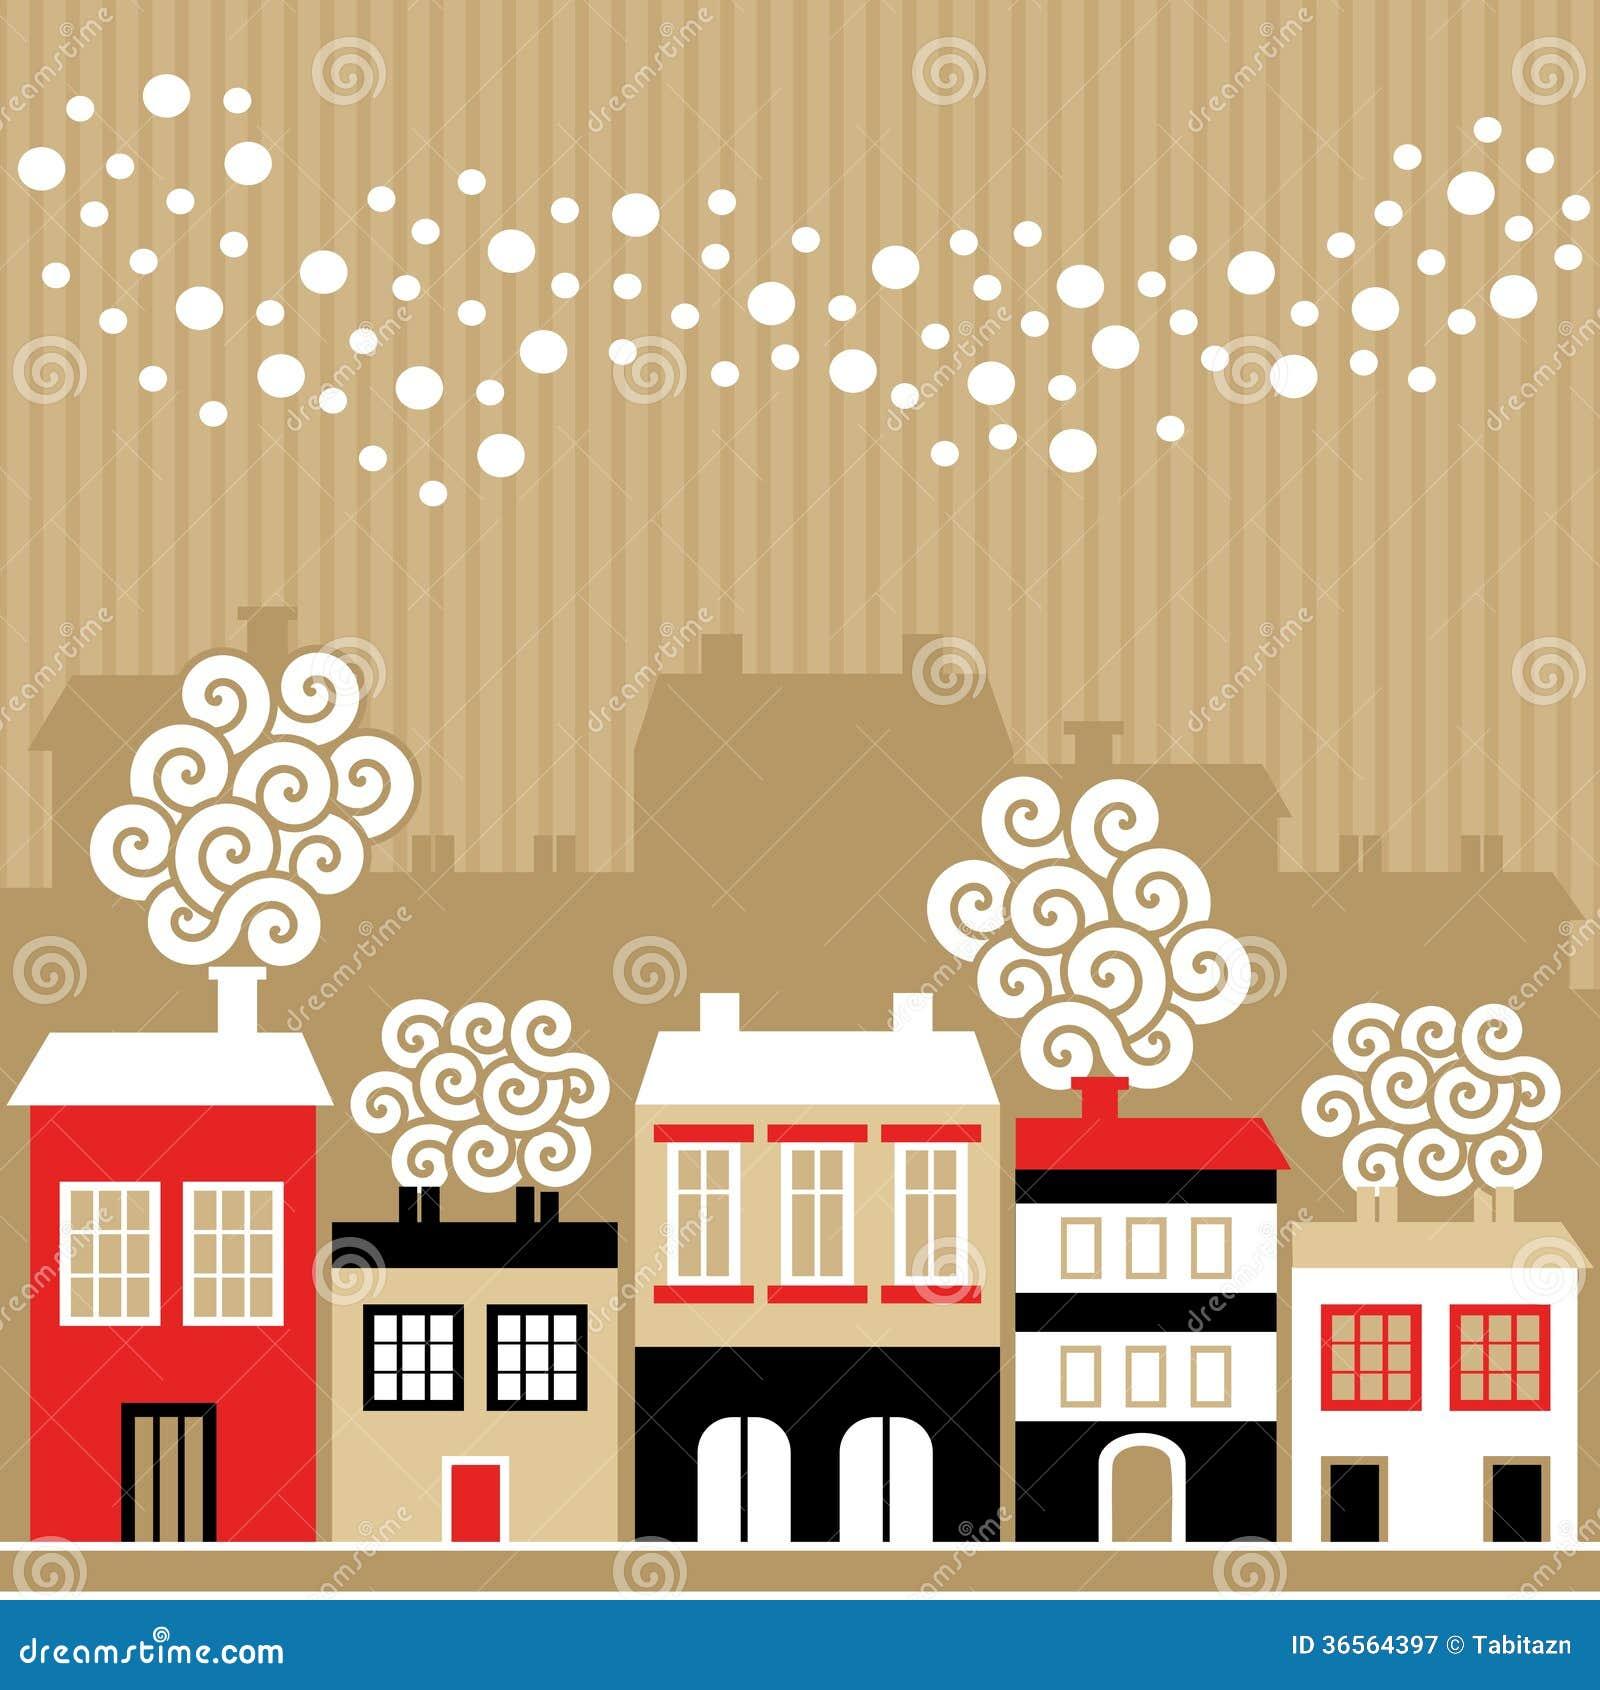 Nette Weihnachtskarte mit Winterhäusern, fallende Schneeflocken, Illustration